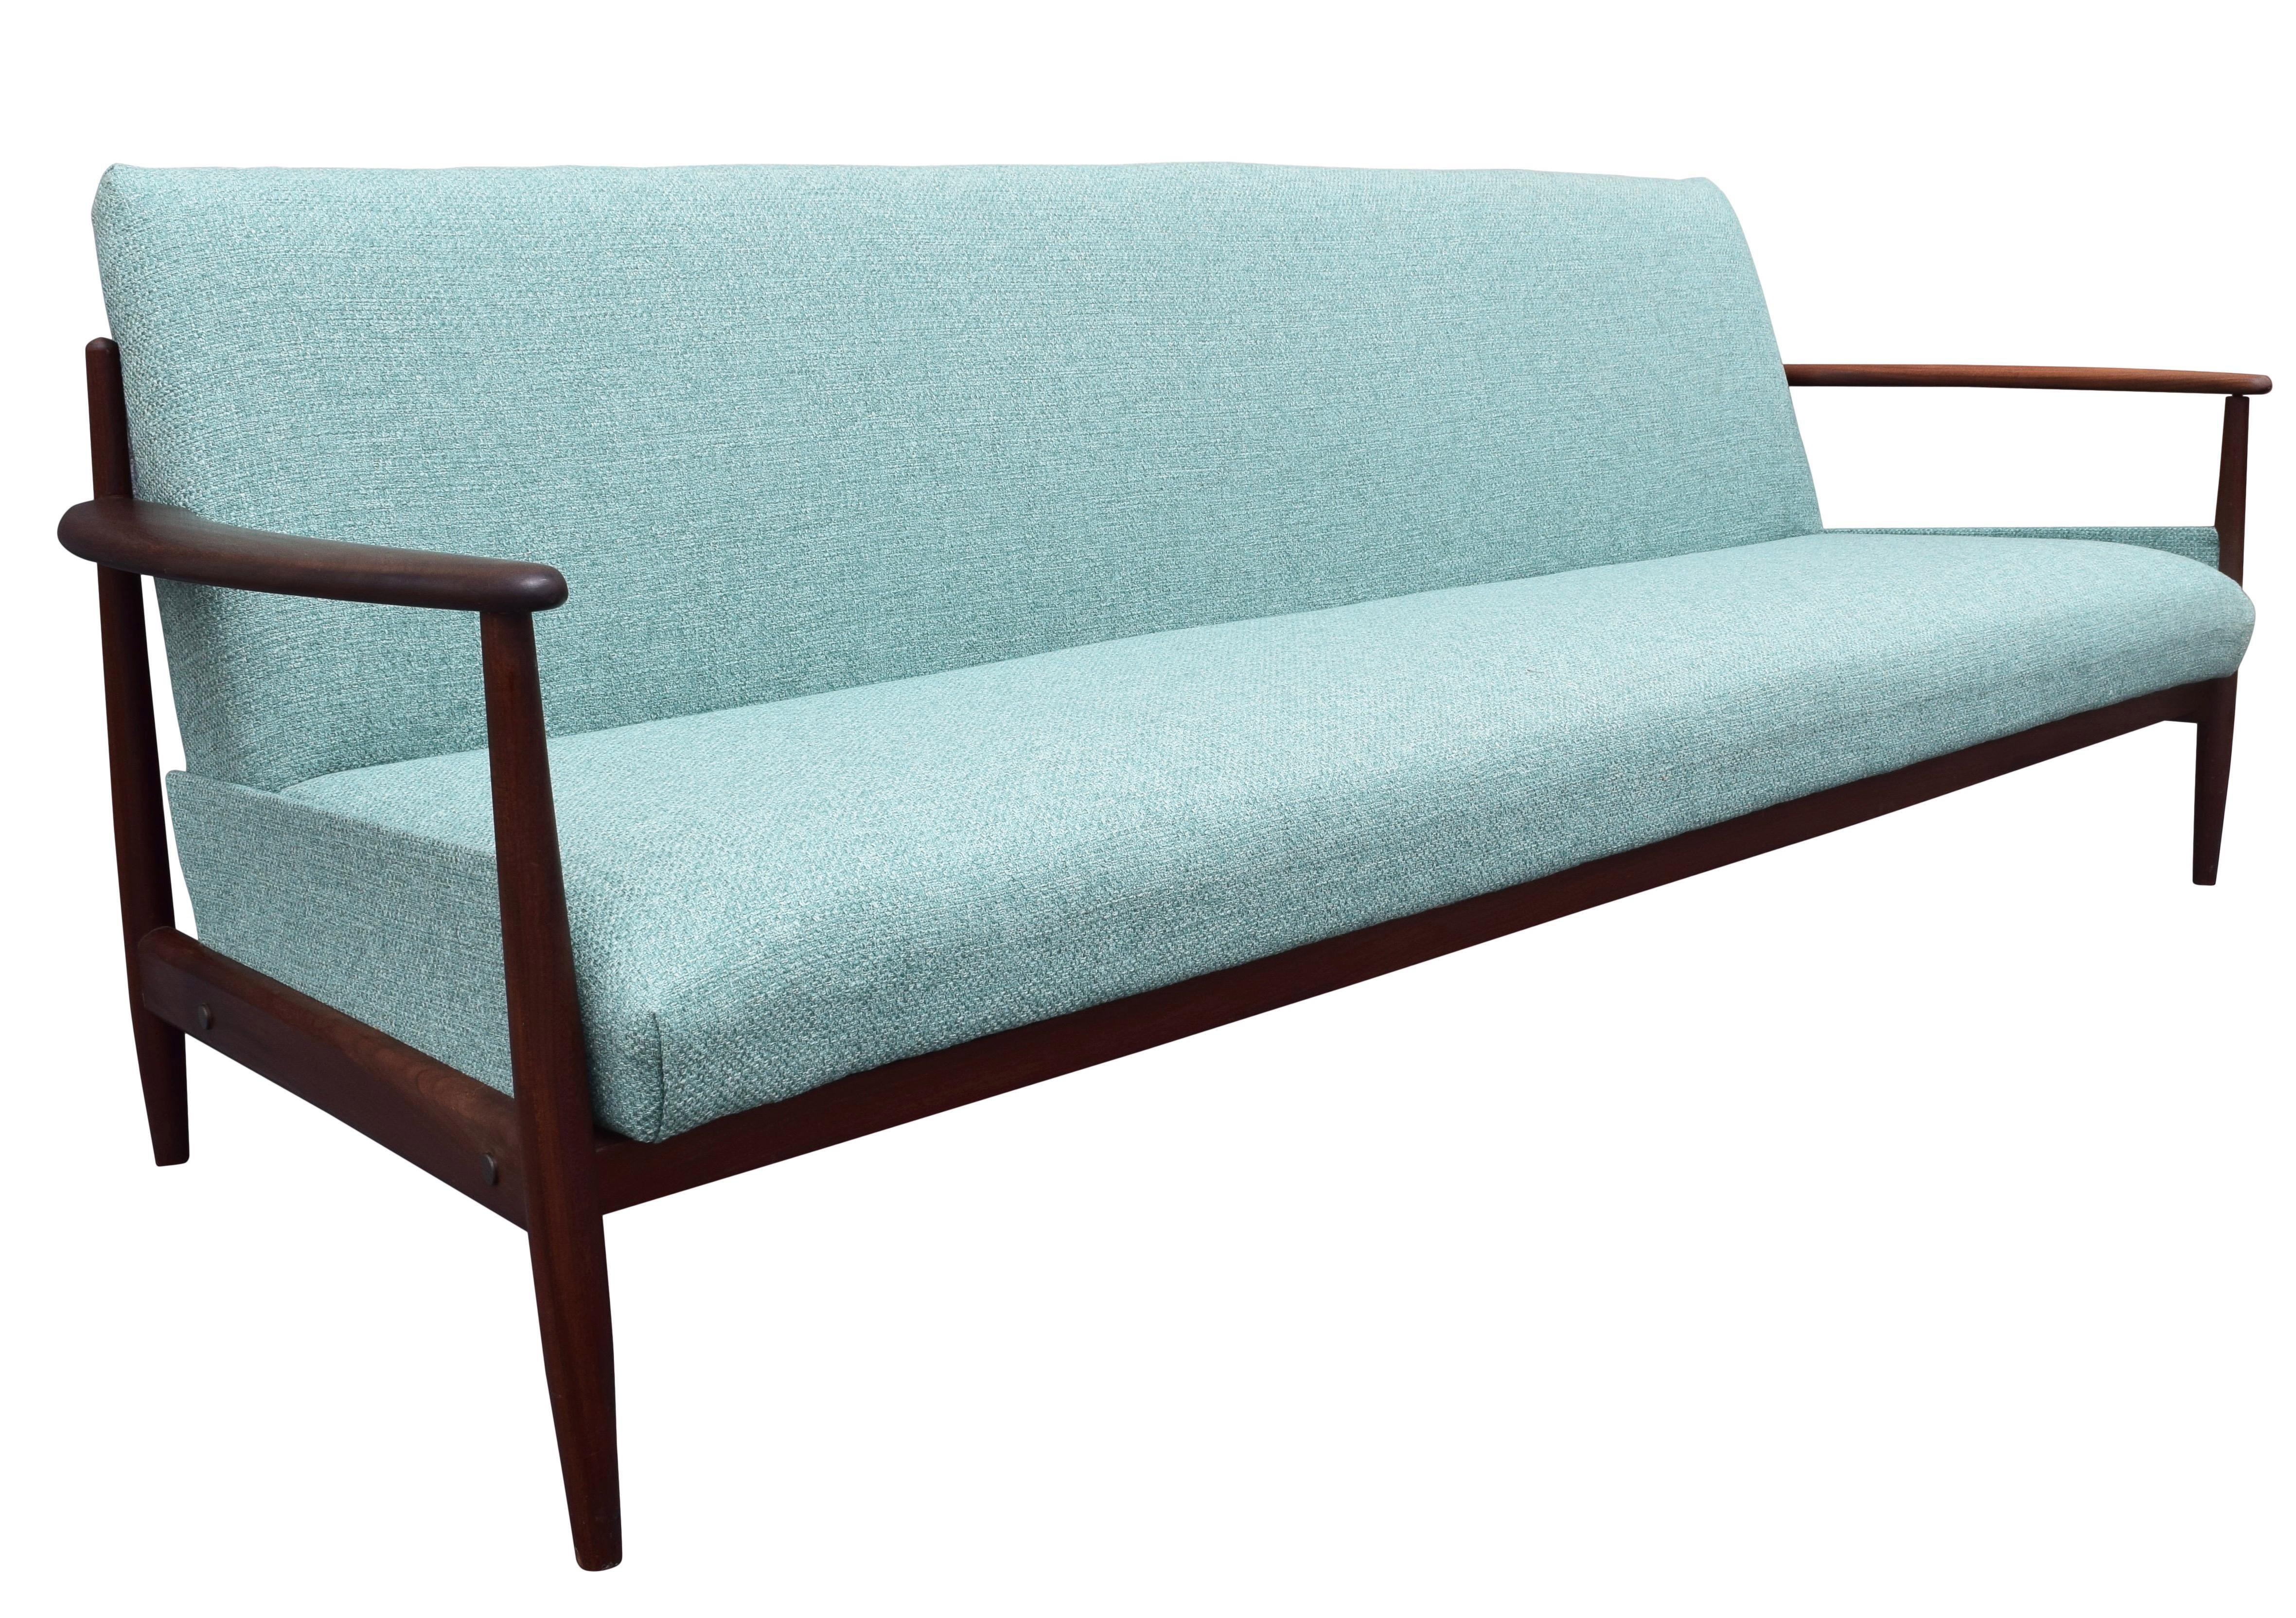 Vintage Danish Modern Teak Sofa In The Manner Of Grete Jalk For Sale